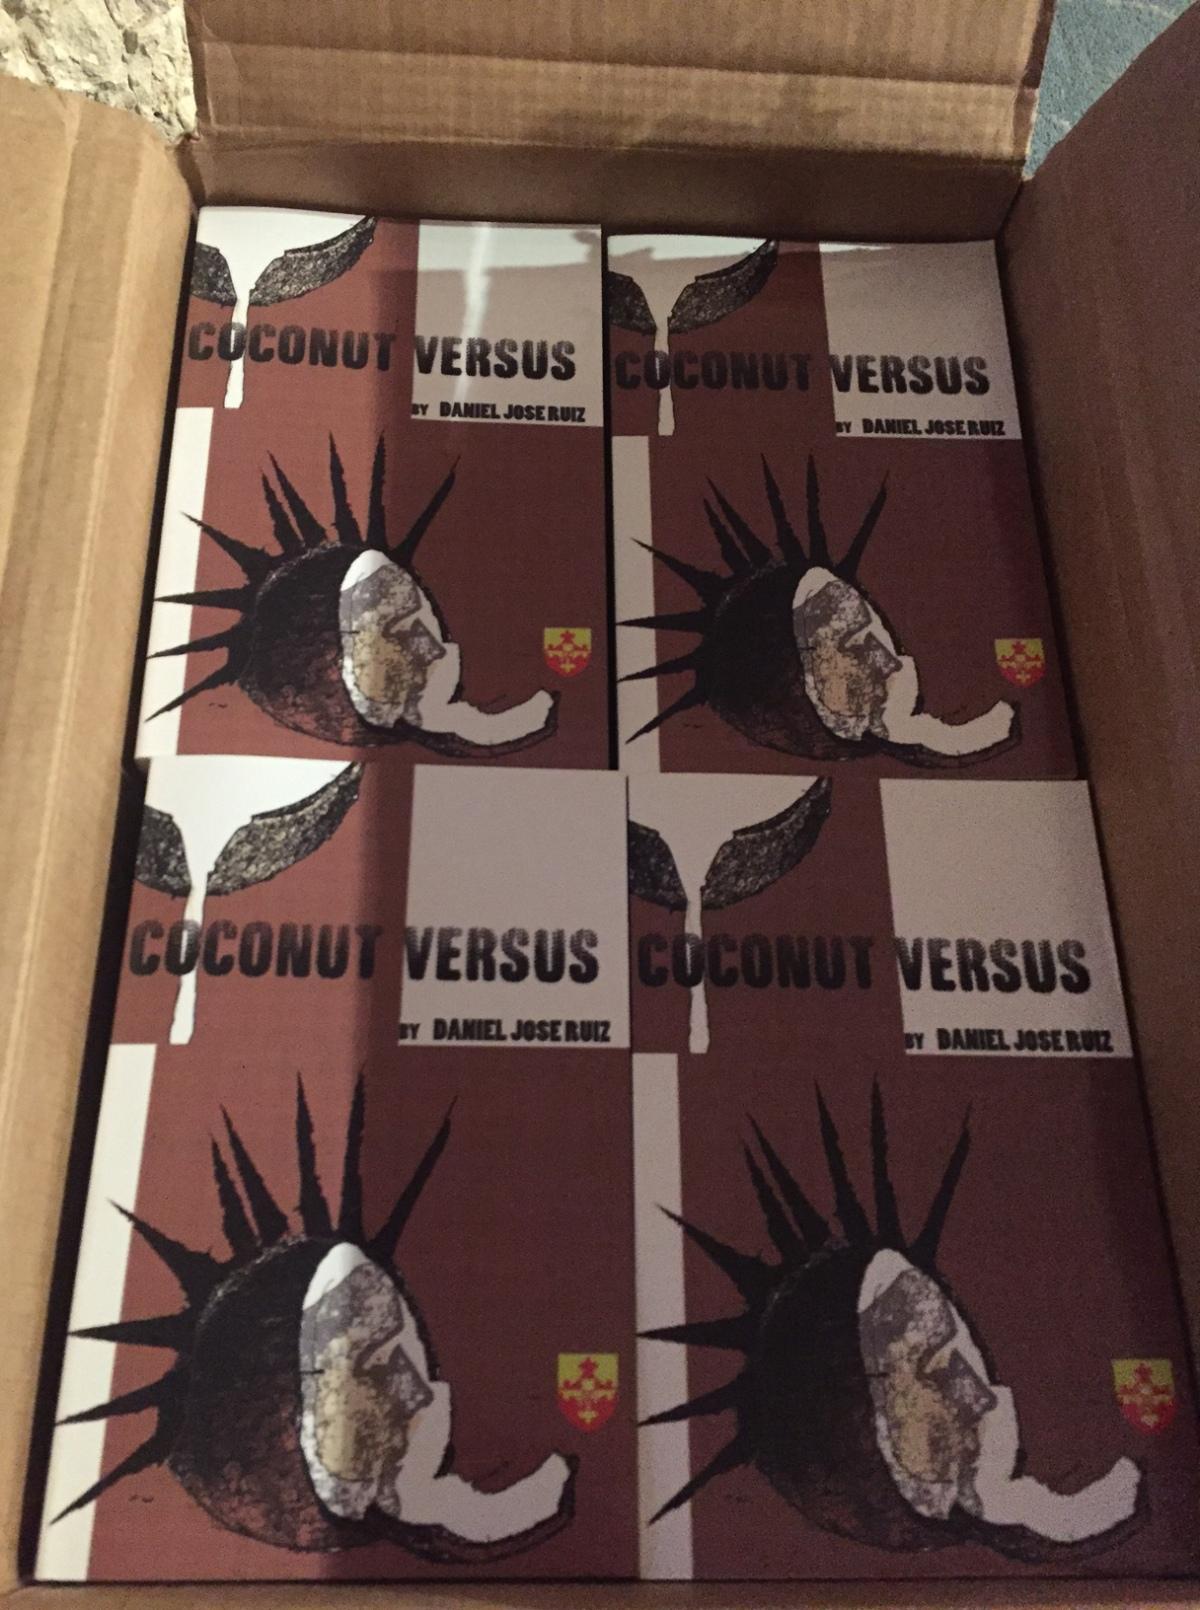 Announcing: Coconut Versus